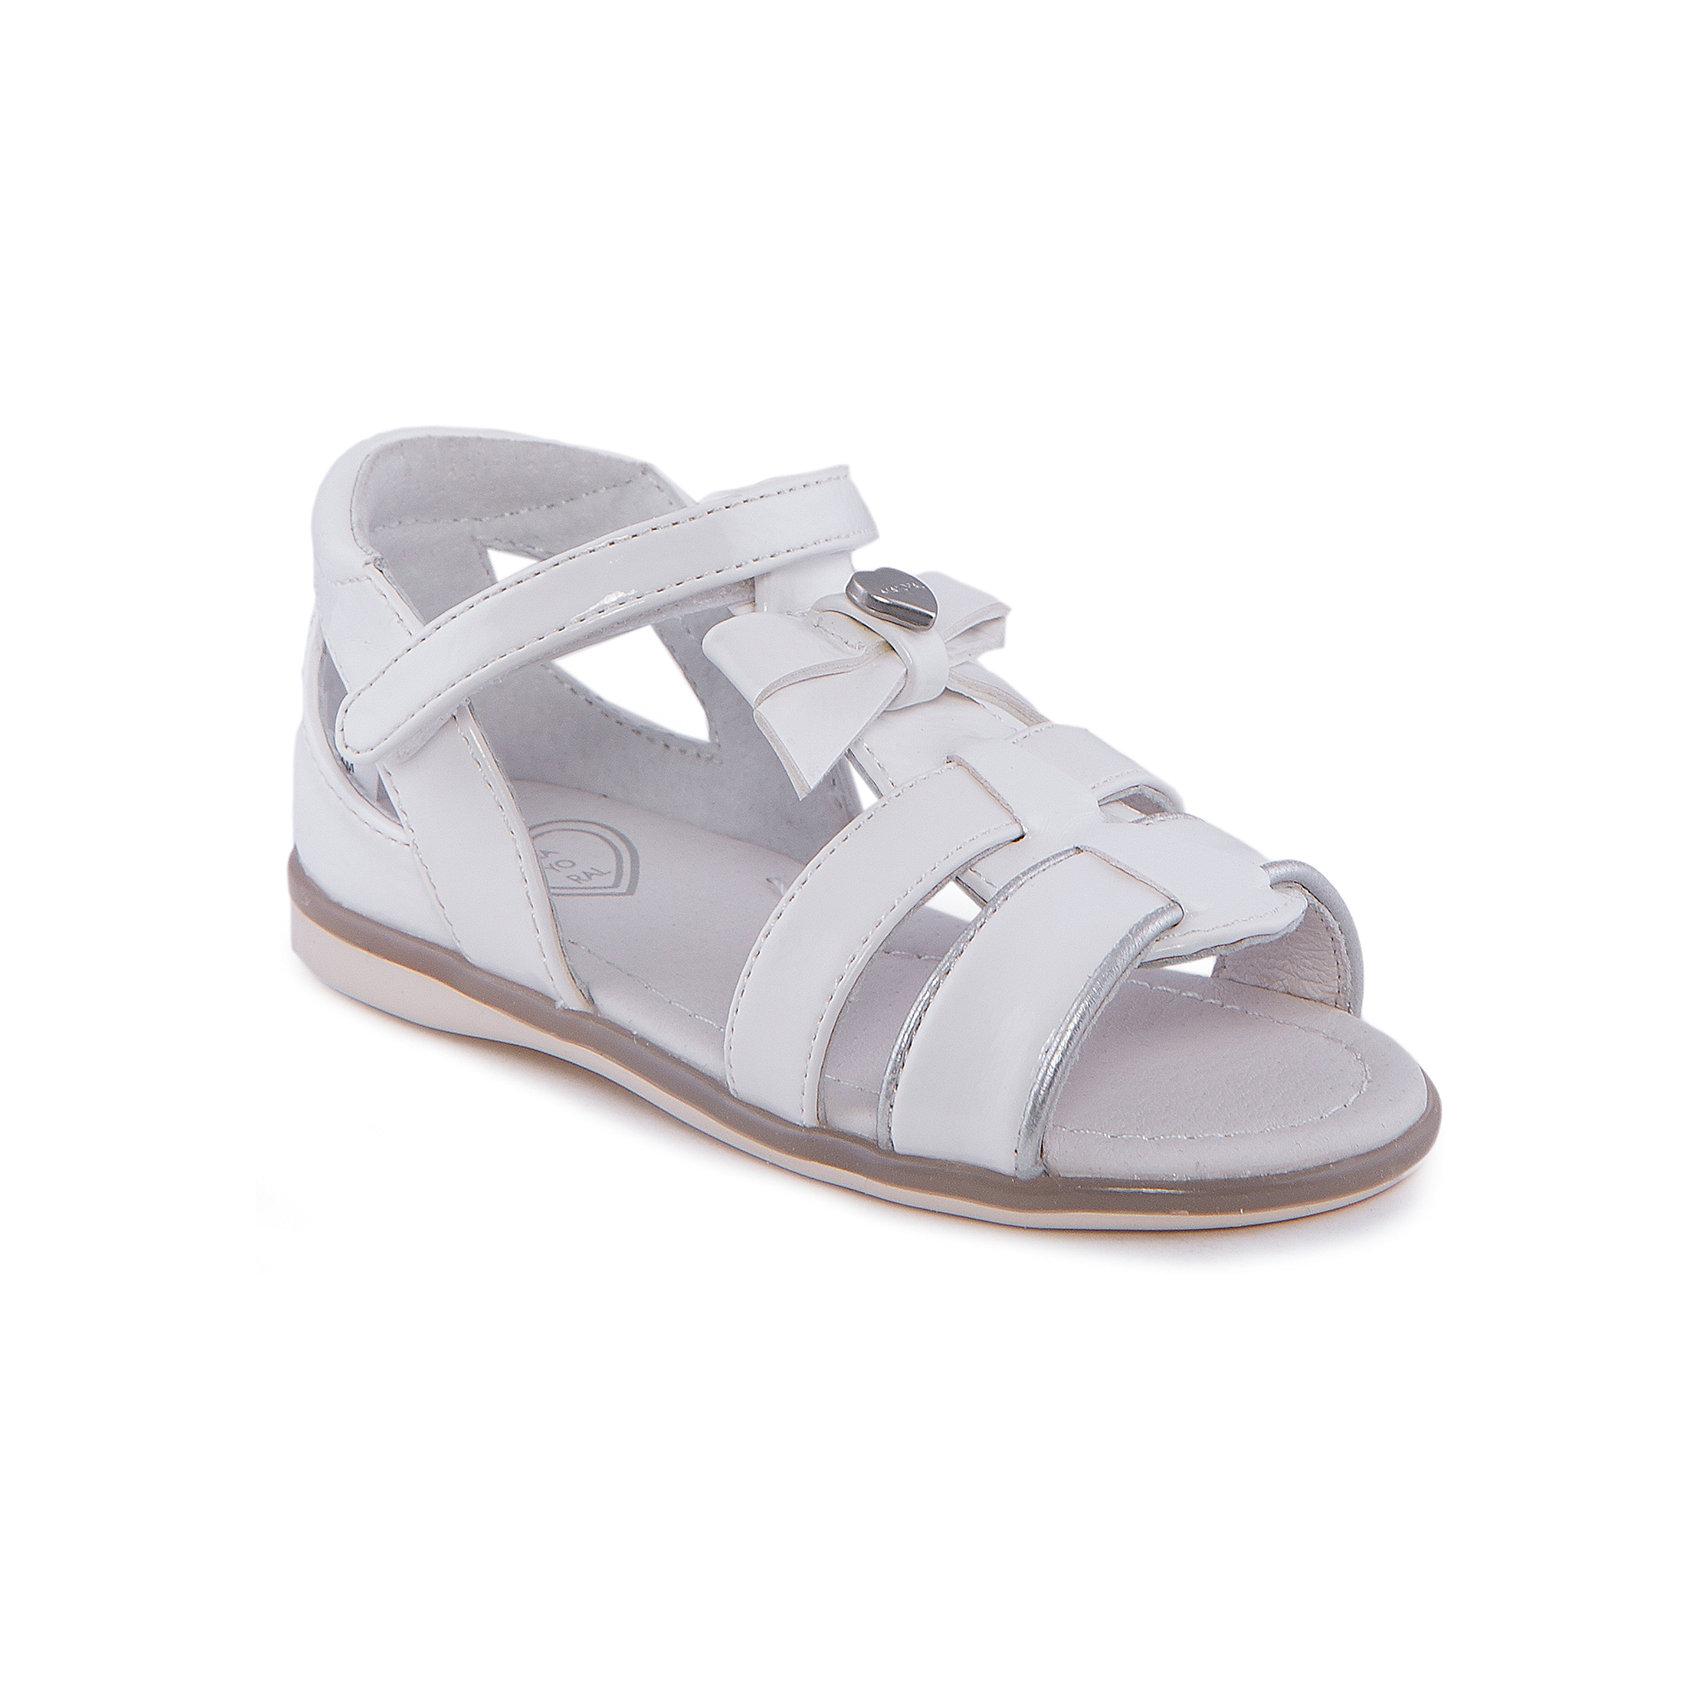 Сандалии для девочки MayoralСандалии для девочки от известной марки Mayoral<br><br>Белые удобные сандалии дополнят образ девочки в новом весенне-летнем сезоне. Эта модель разработала специально для девочек, любящих платья и юбки - именно с женственными моделями такие туфли смотрятся особенно хорошо. Сделаны они из легкого, но прочного материала. Комфортно садятся по ноге и не натирают.<br><br>Особенности модели:<br><br>- цвет: белый;<br>- плоская нескользящая подошва;<br>- материал - лакированная искусственная кожа;<br>- застежка-липучка;<br>- декорирована бантом;<br>- впереди - металлический логотип в виде сердца.<br><br>Дополнительная информация:<br><br>Состав: верх - искусственная кожа;<br>стелька - натуральная кожа;<br>подошва - полиуретан.<br><br>Сандалии для девочки от Mayoral (Майорал) можно купить в нашем магазине.<br><br>Ширина мм: 219<br>Глубина мм: 154<br>Высота мм: 121<br>Вес г: 343<br>Цвет: белый<br>Возраст от месяцев: 15<br>Возраст до месяцев: 18<br>Пол: Женский<br>Возраст: Детский<br>Размер: 22,21,26,23,25,27,24<br>SKU: 4539405